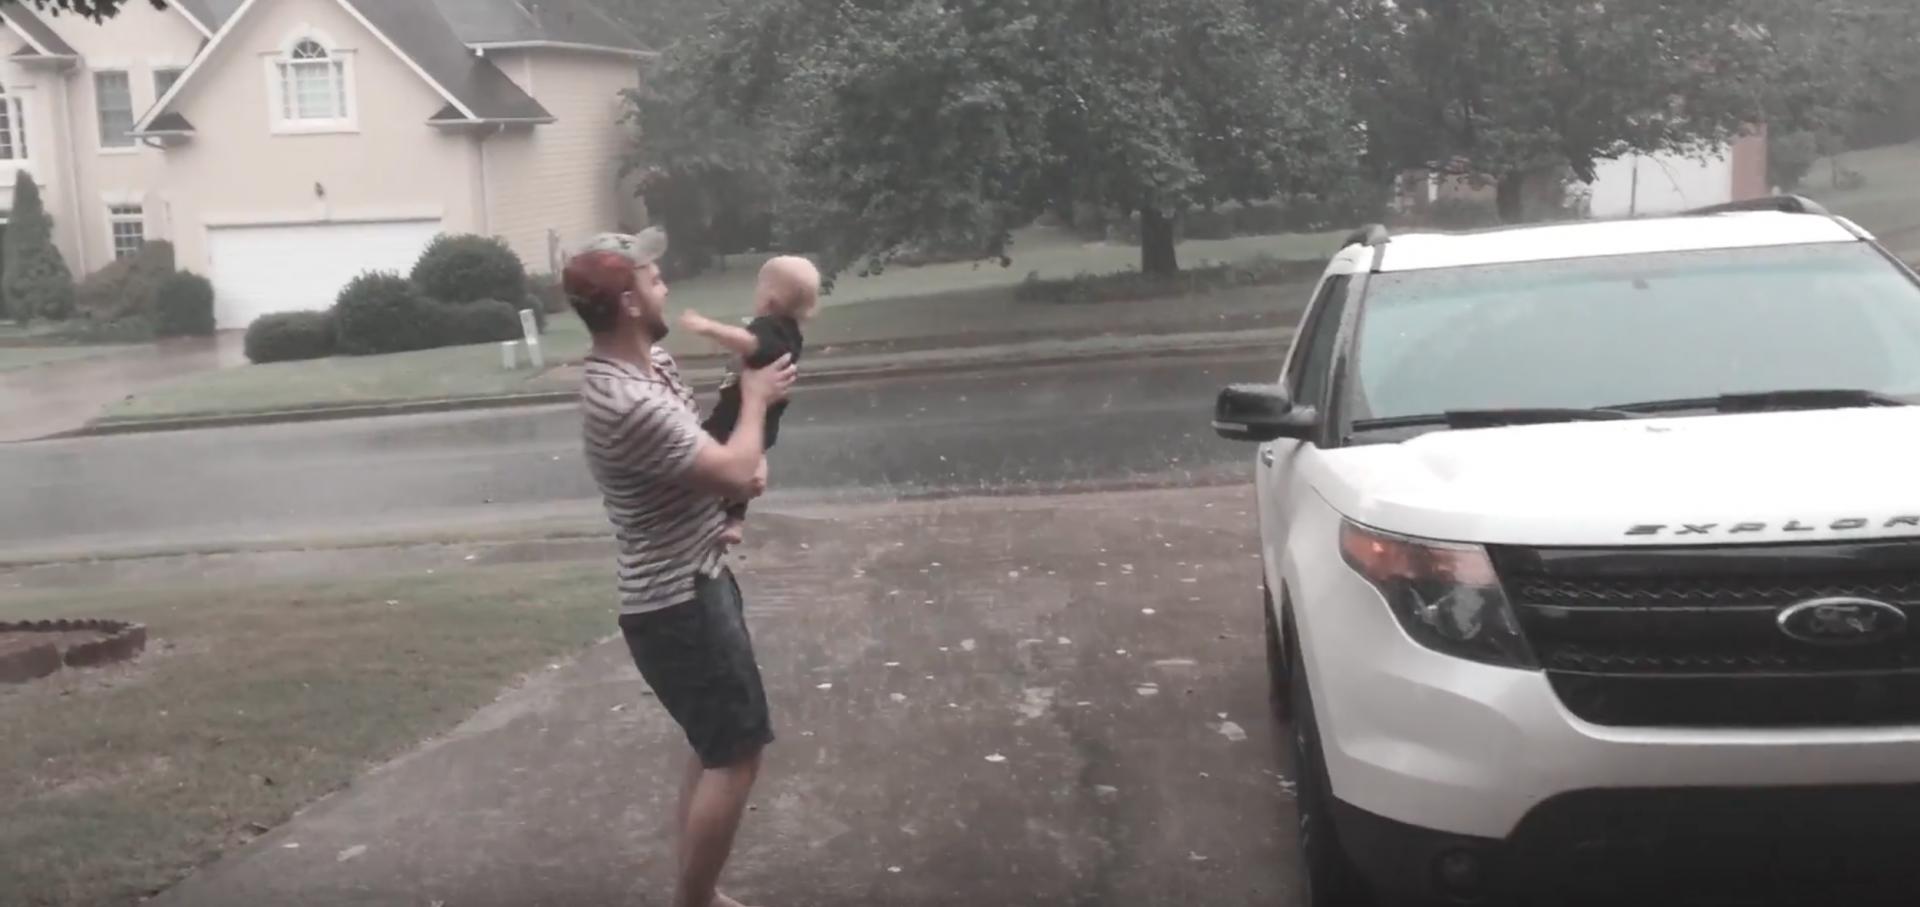 Vídeo registra a reação de um bebê ao experimentar seu primeiro banho de chuva